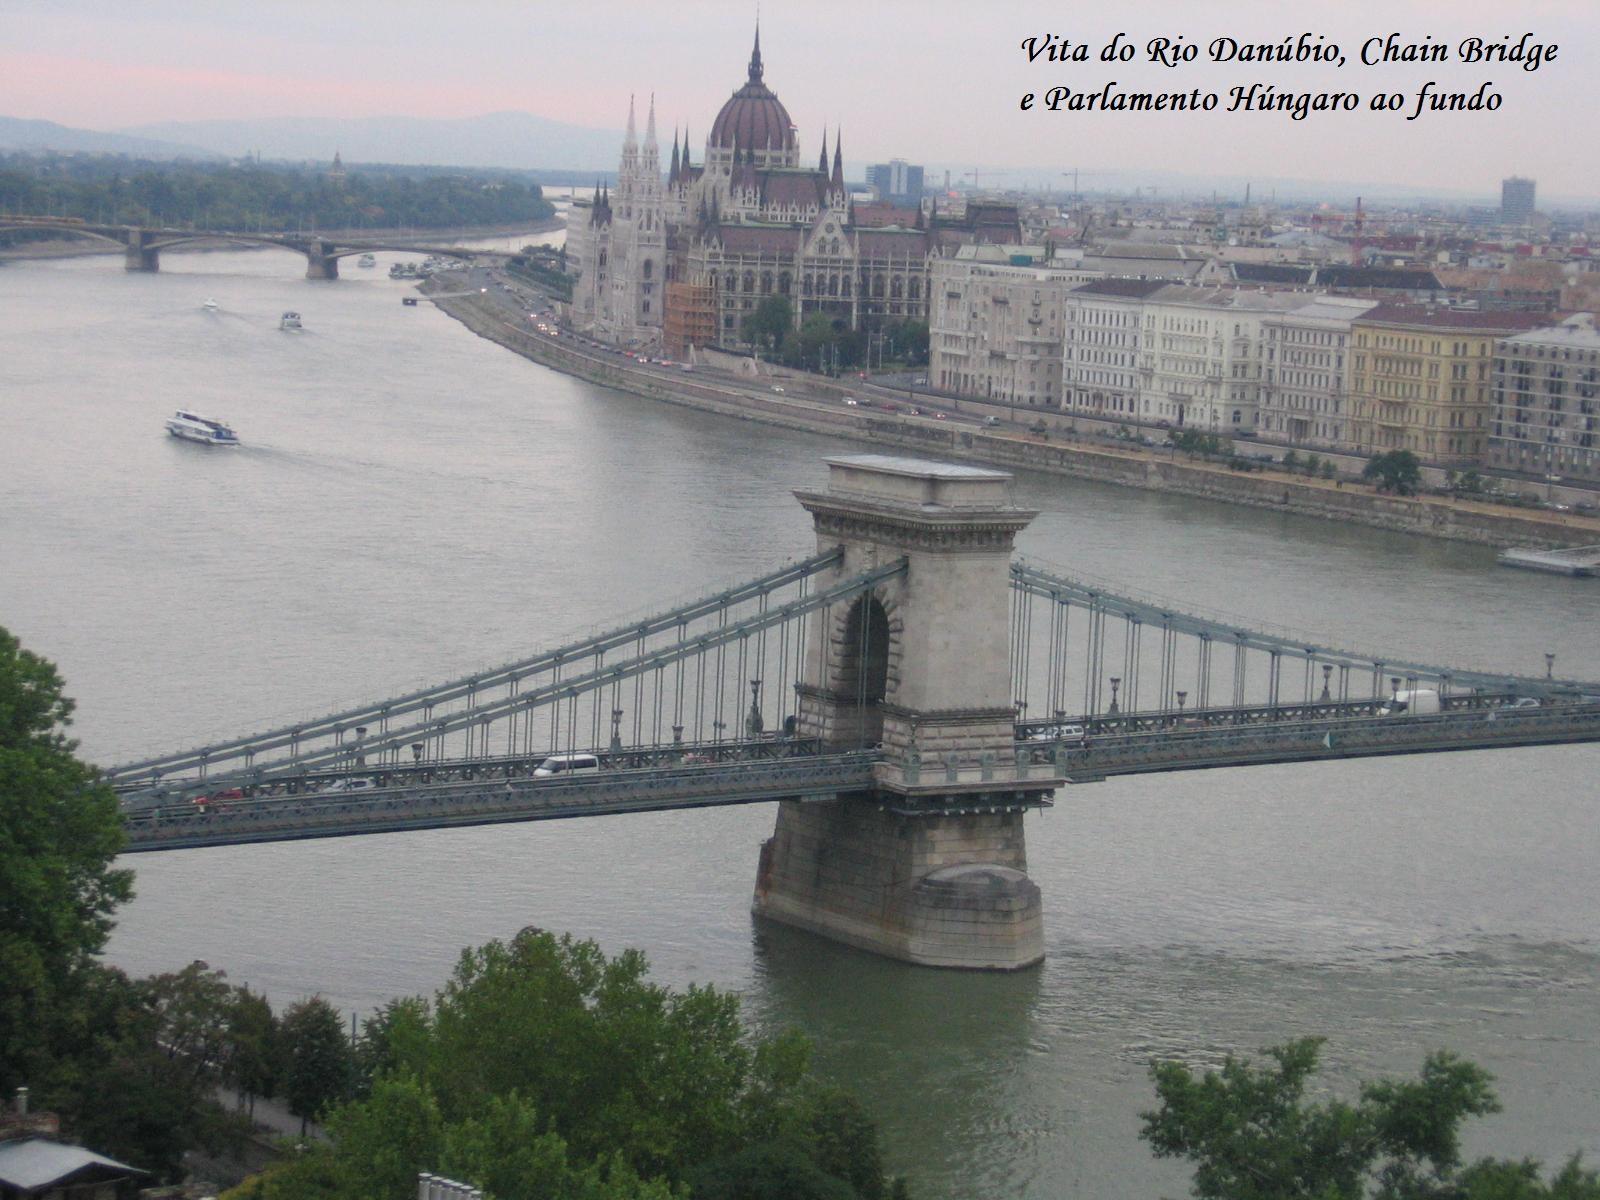 vista do Rio Danubio